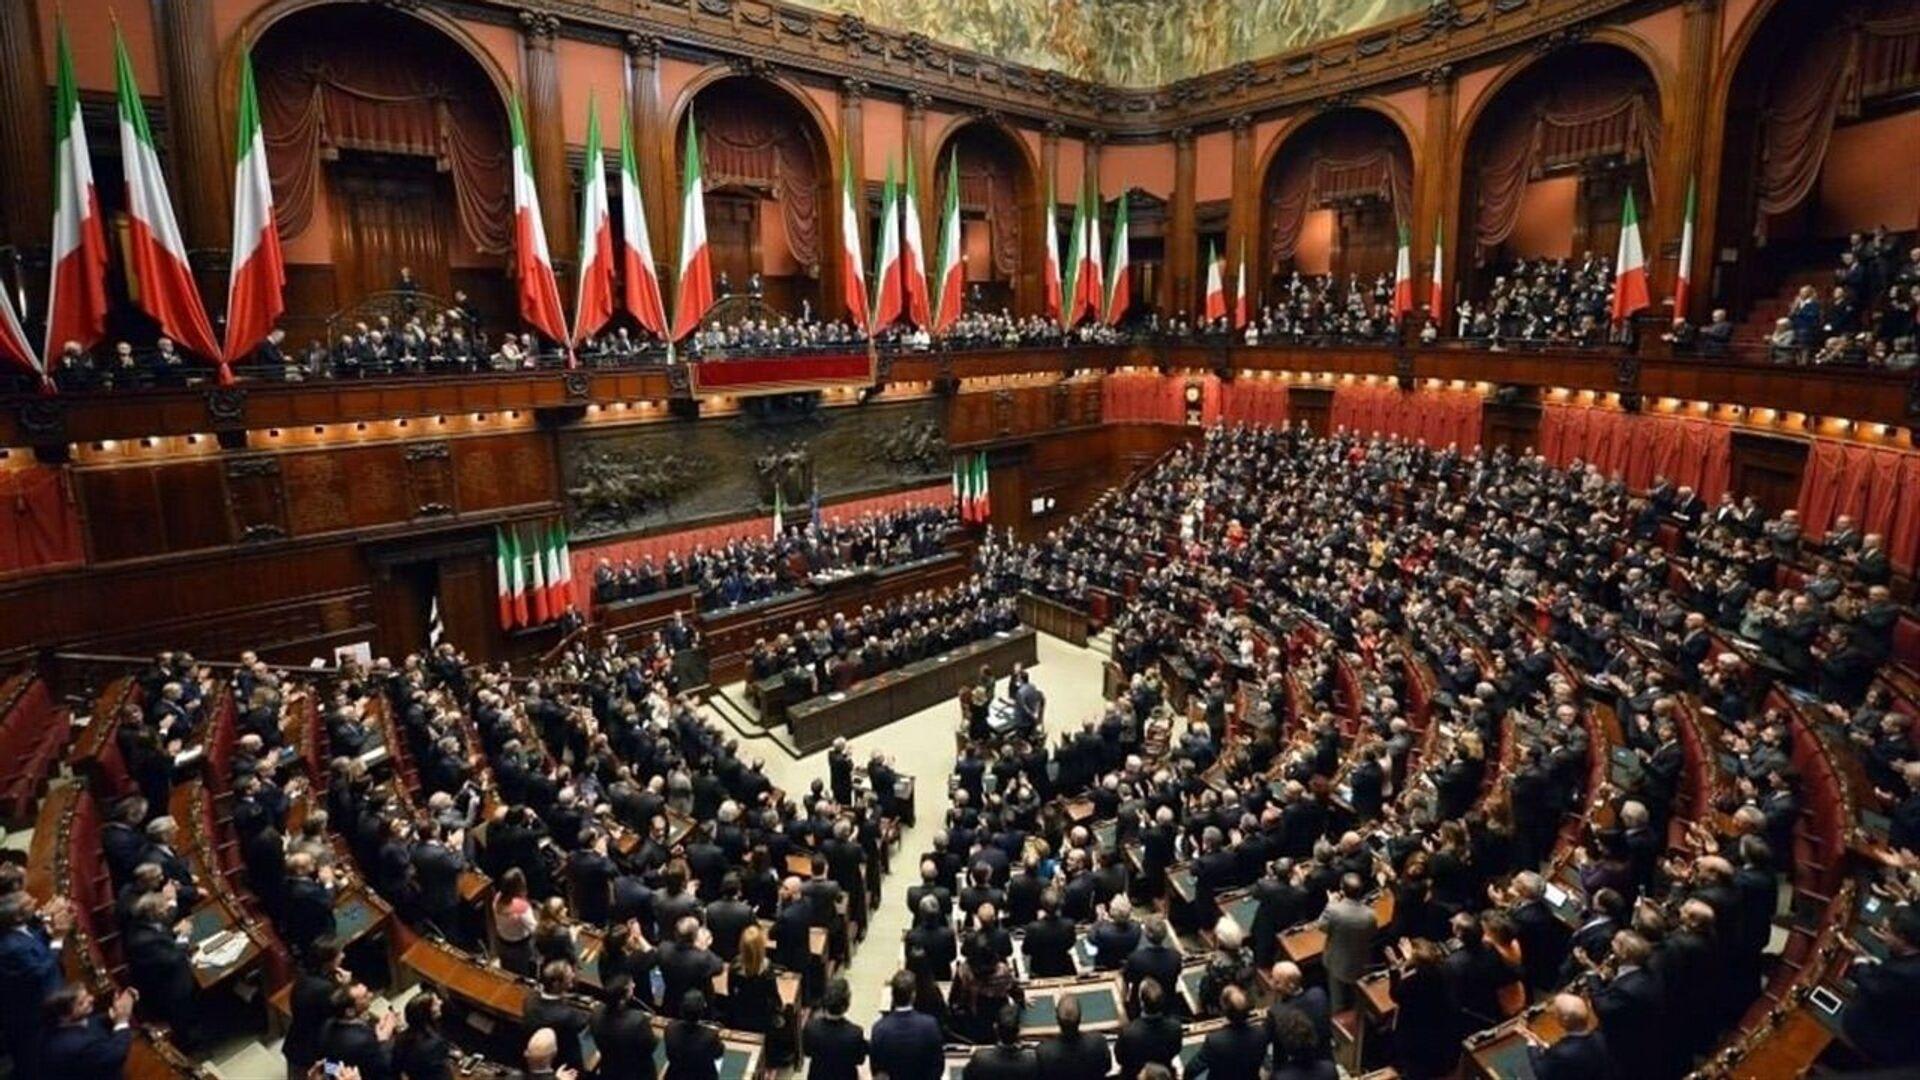 Il Presidente della Repubblica Sergio Mattarella nell'Aula di Montecitorio in occasione della cerimonia di giuramento - Sputnik Italia, 1920, 08.09.2021